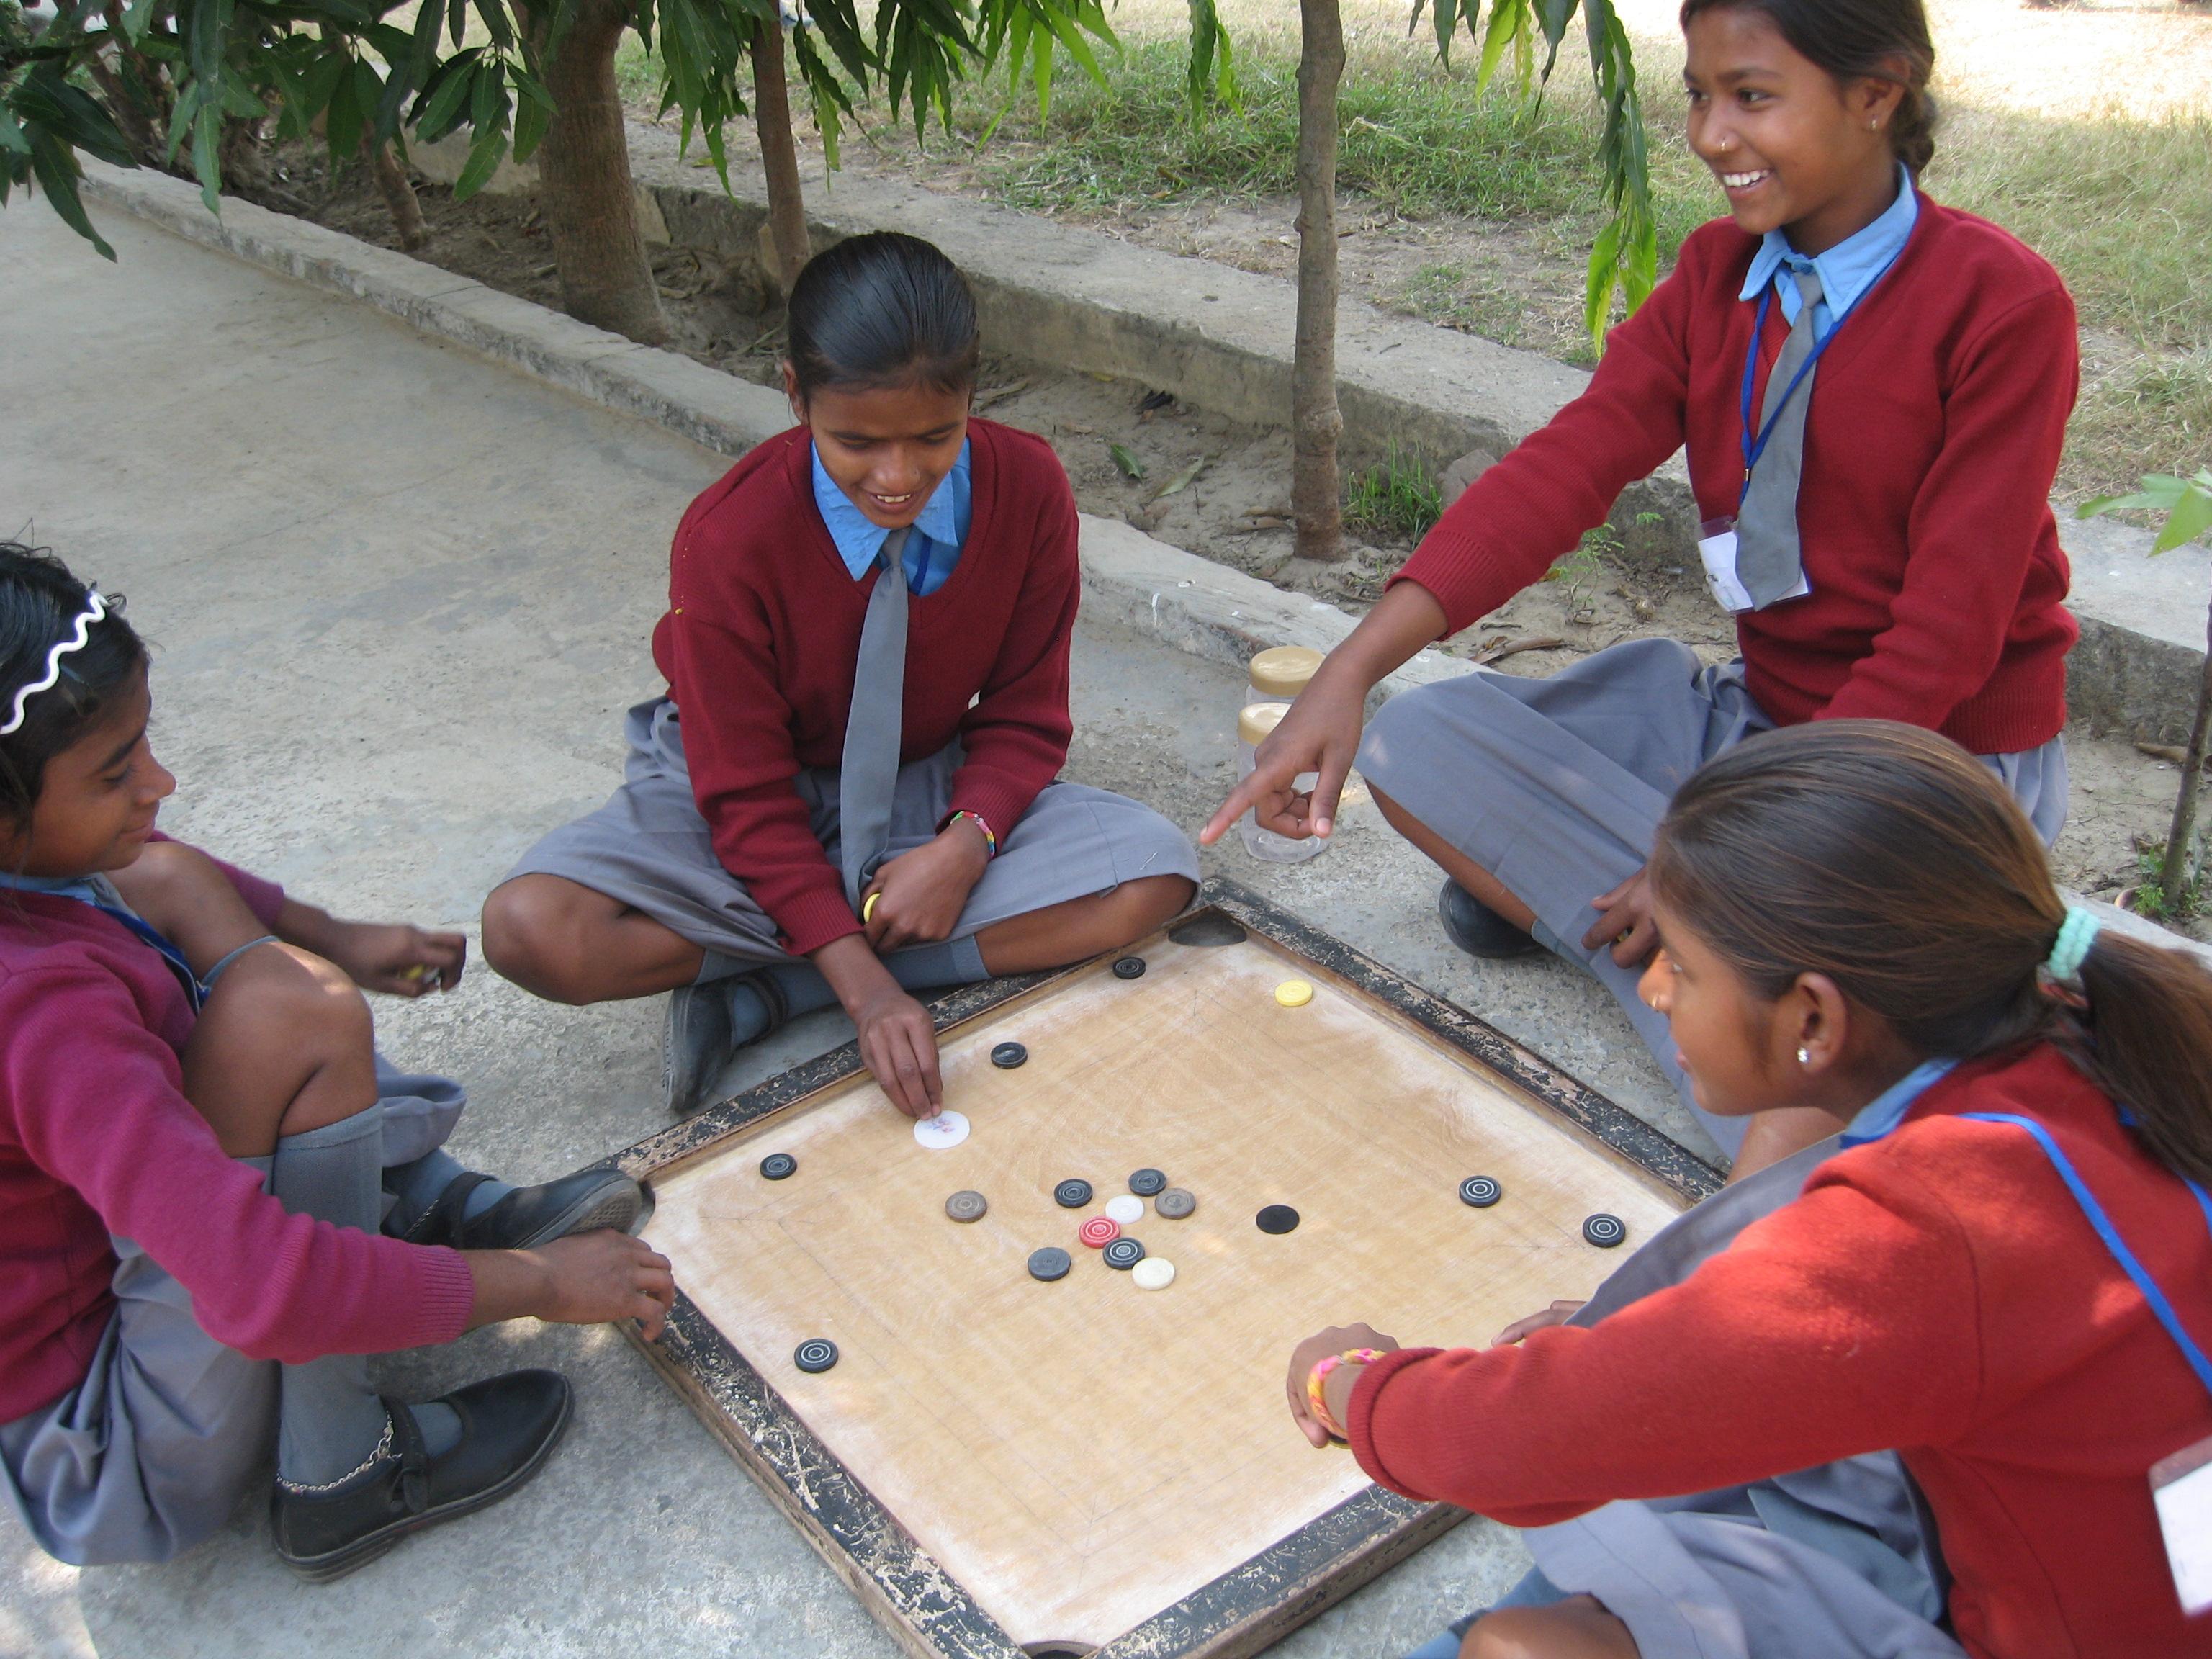 Une école à Bodh Gaya - Récréation